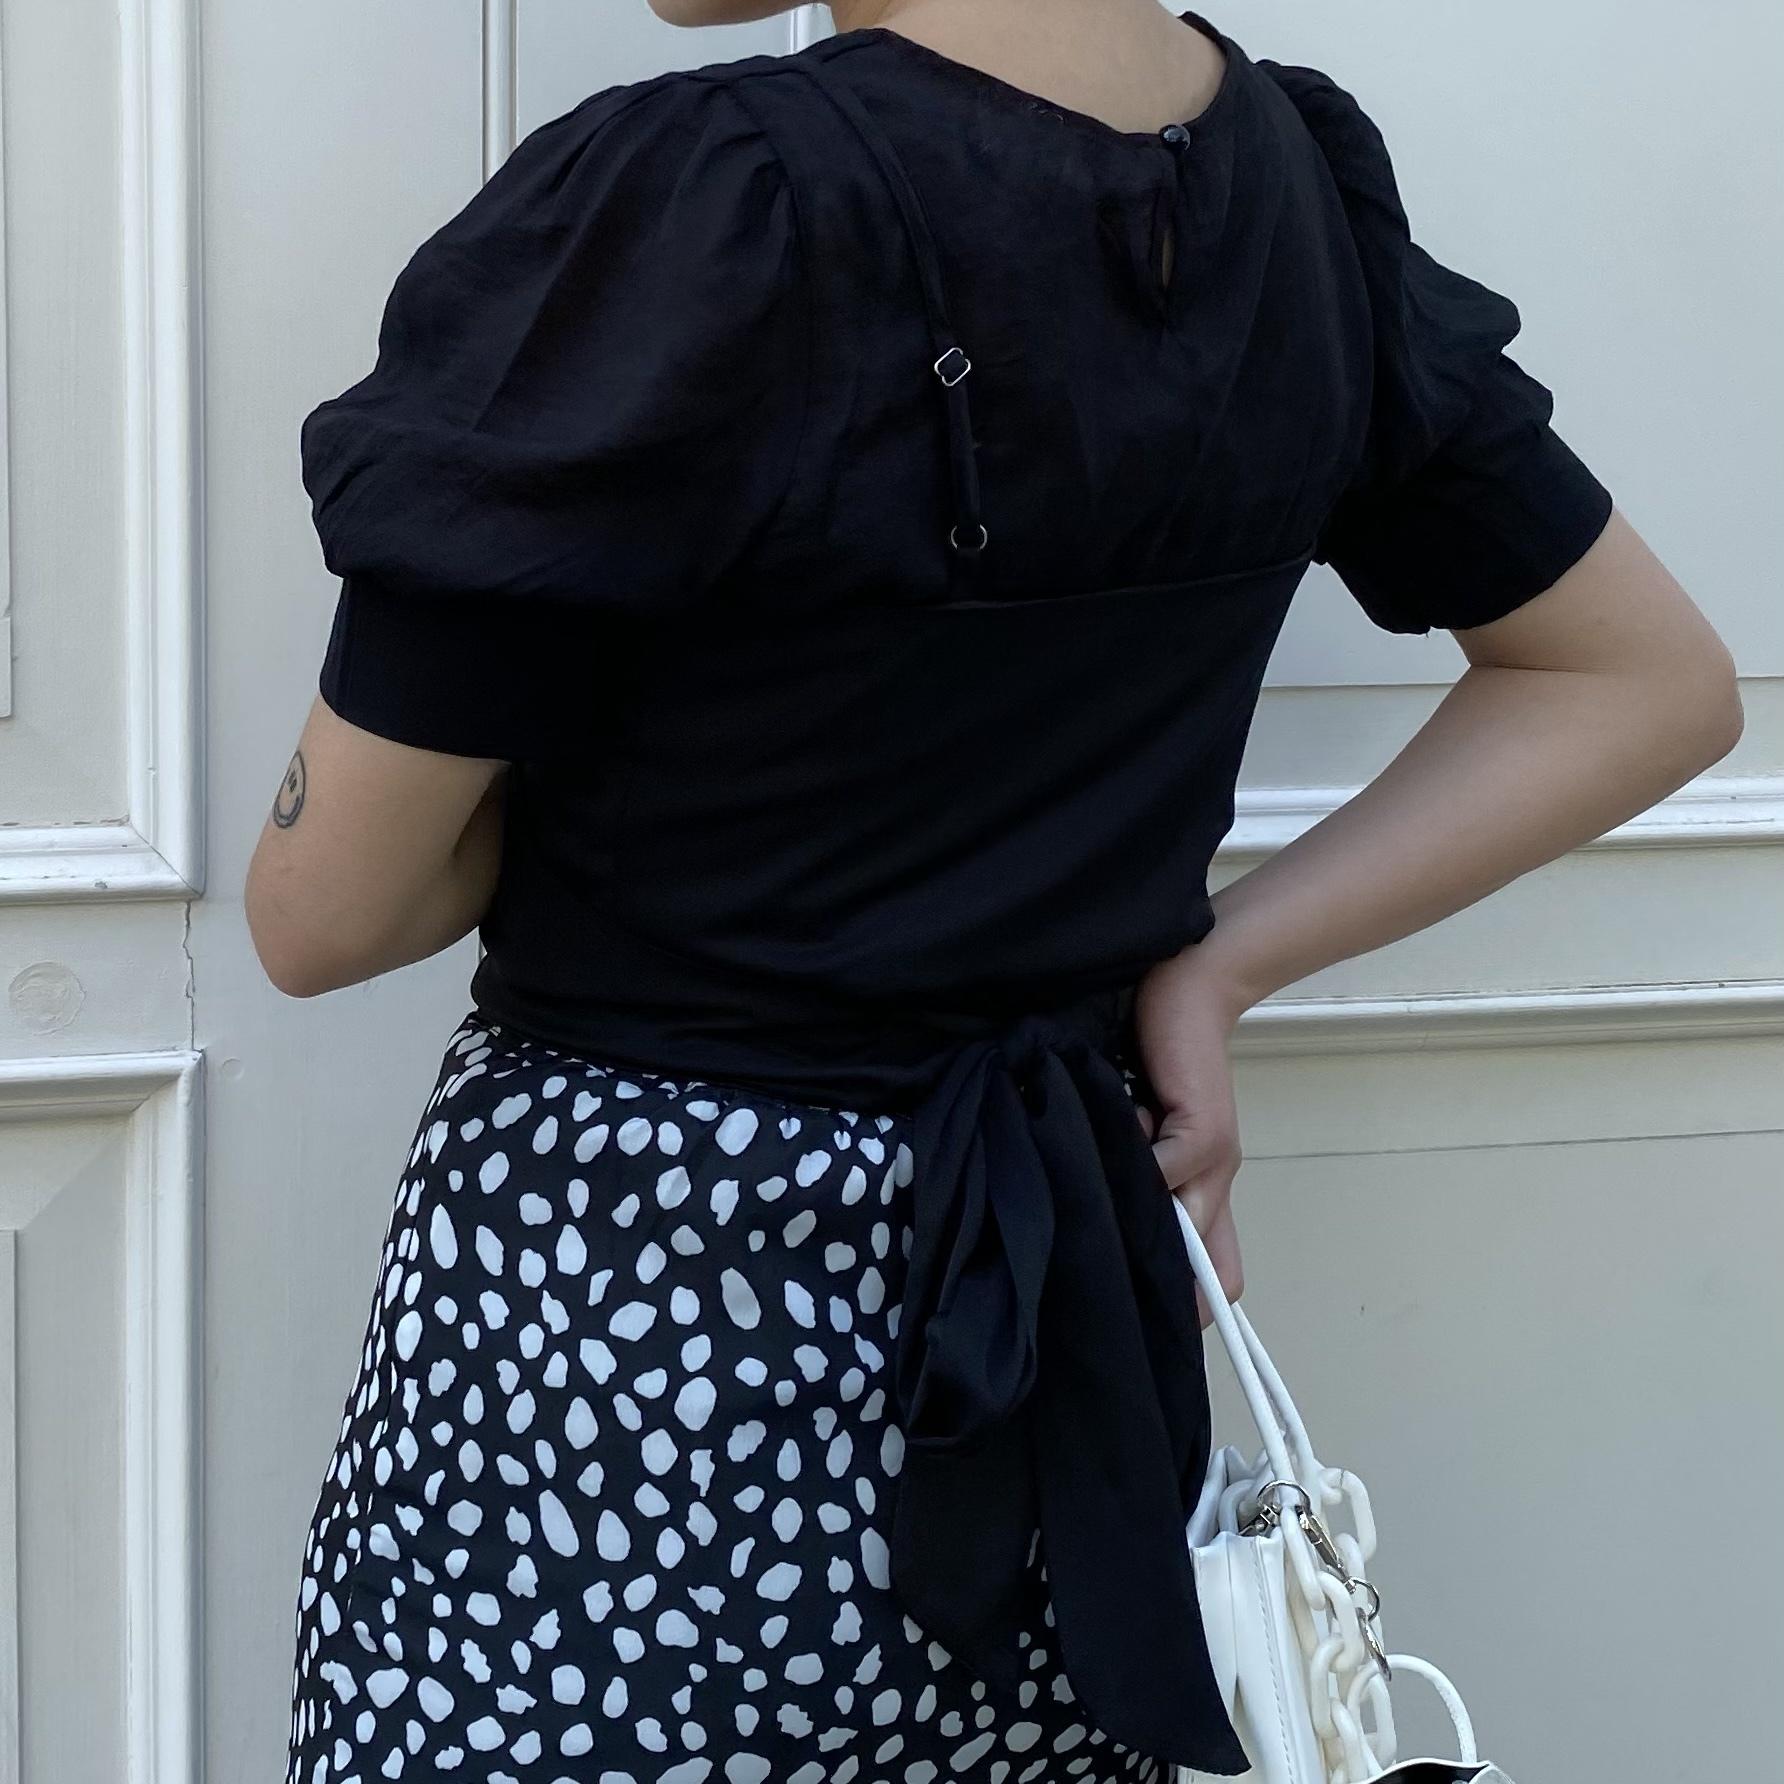 【Belle】cross camisole sheer tops